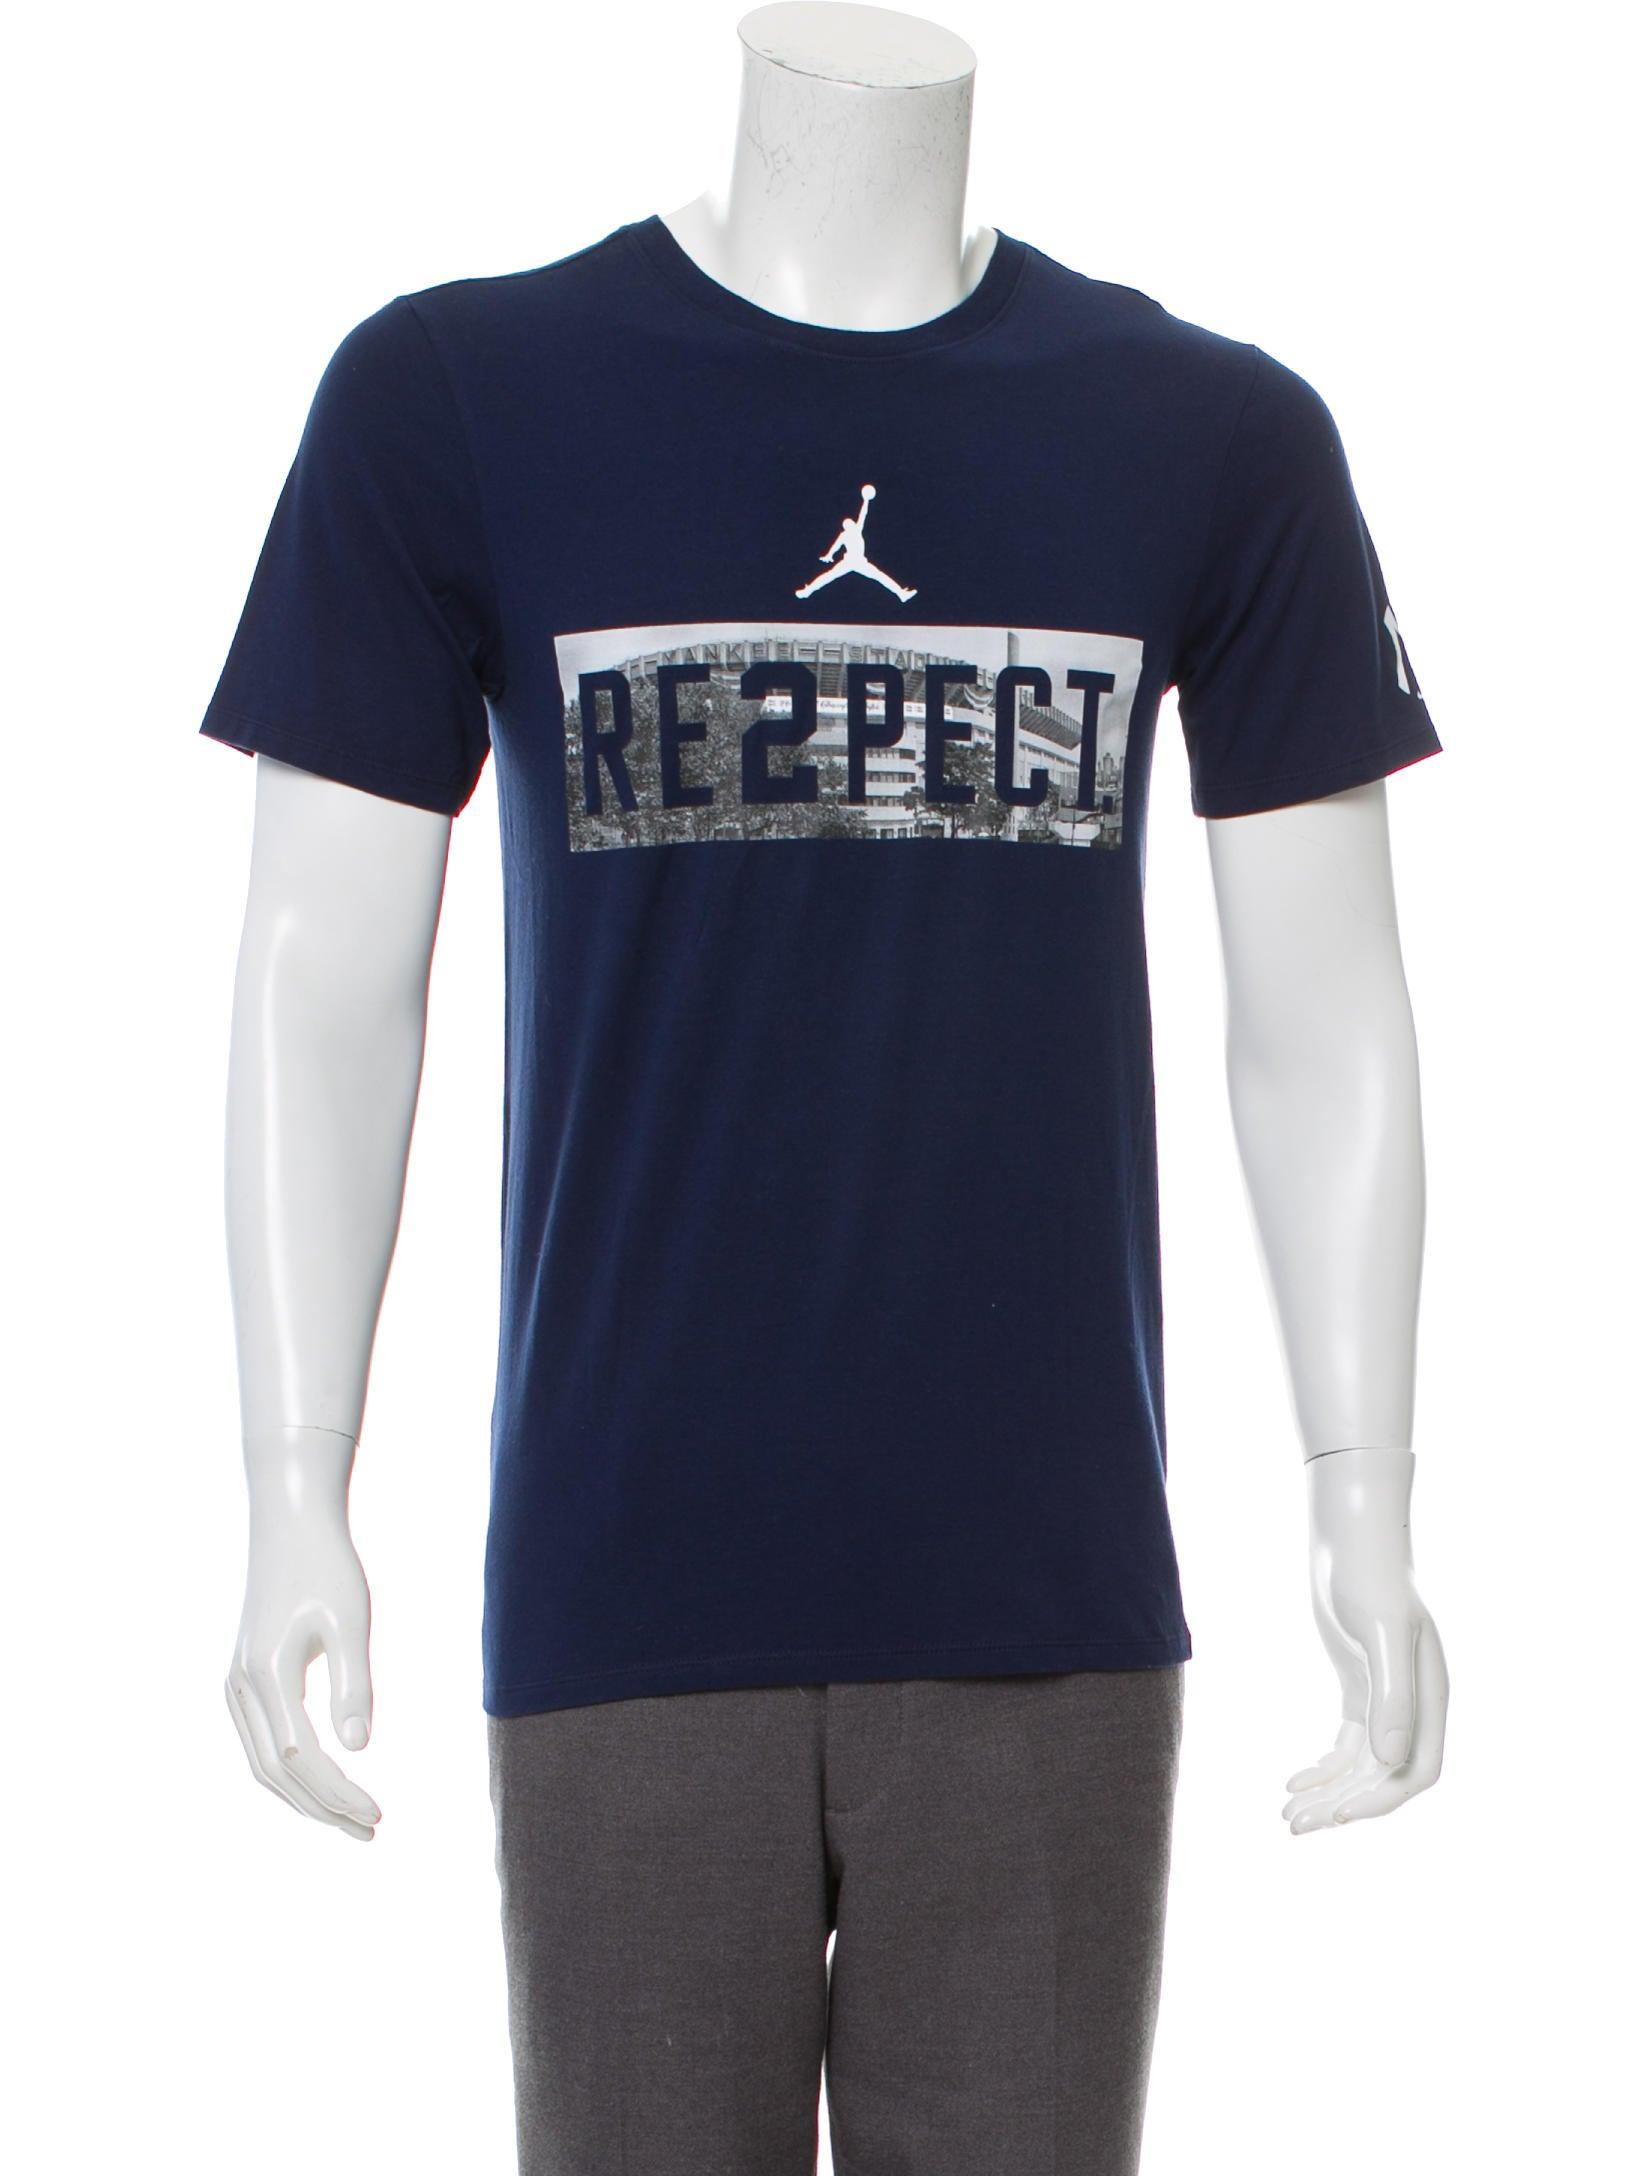 81a6becf8e19 Jordan Derek Jeter Respect T-shirt w  Tags - Clothing - WJORA20090 ...